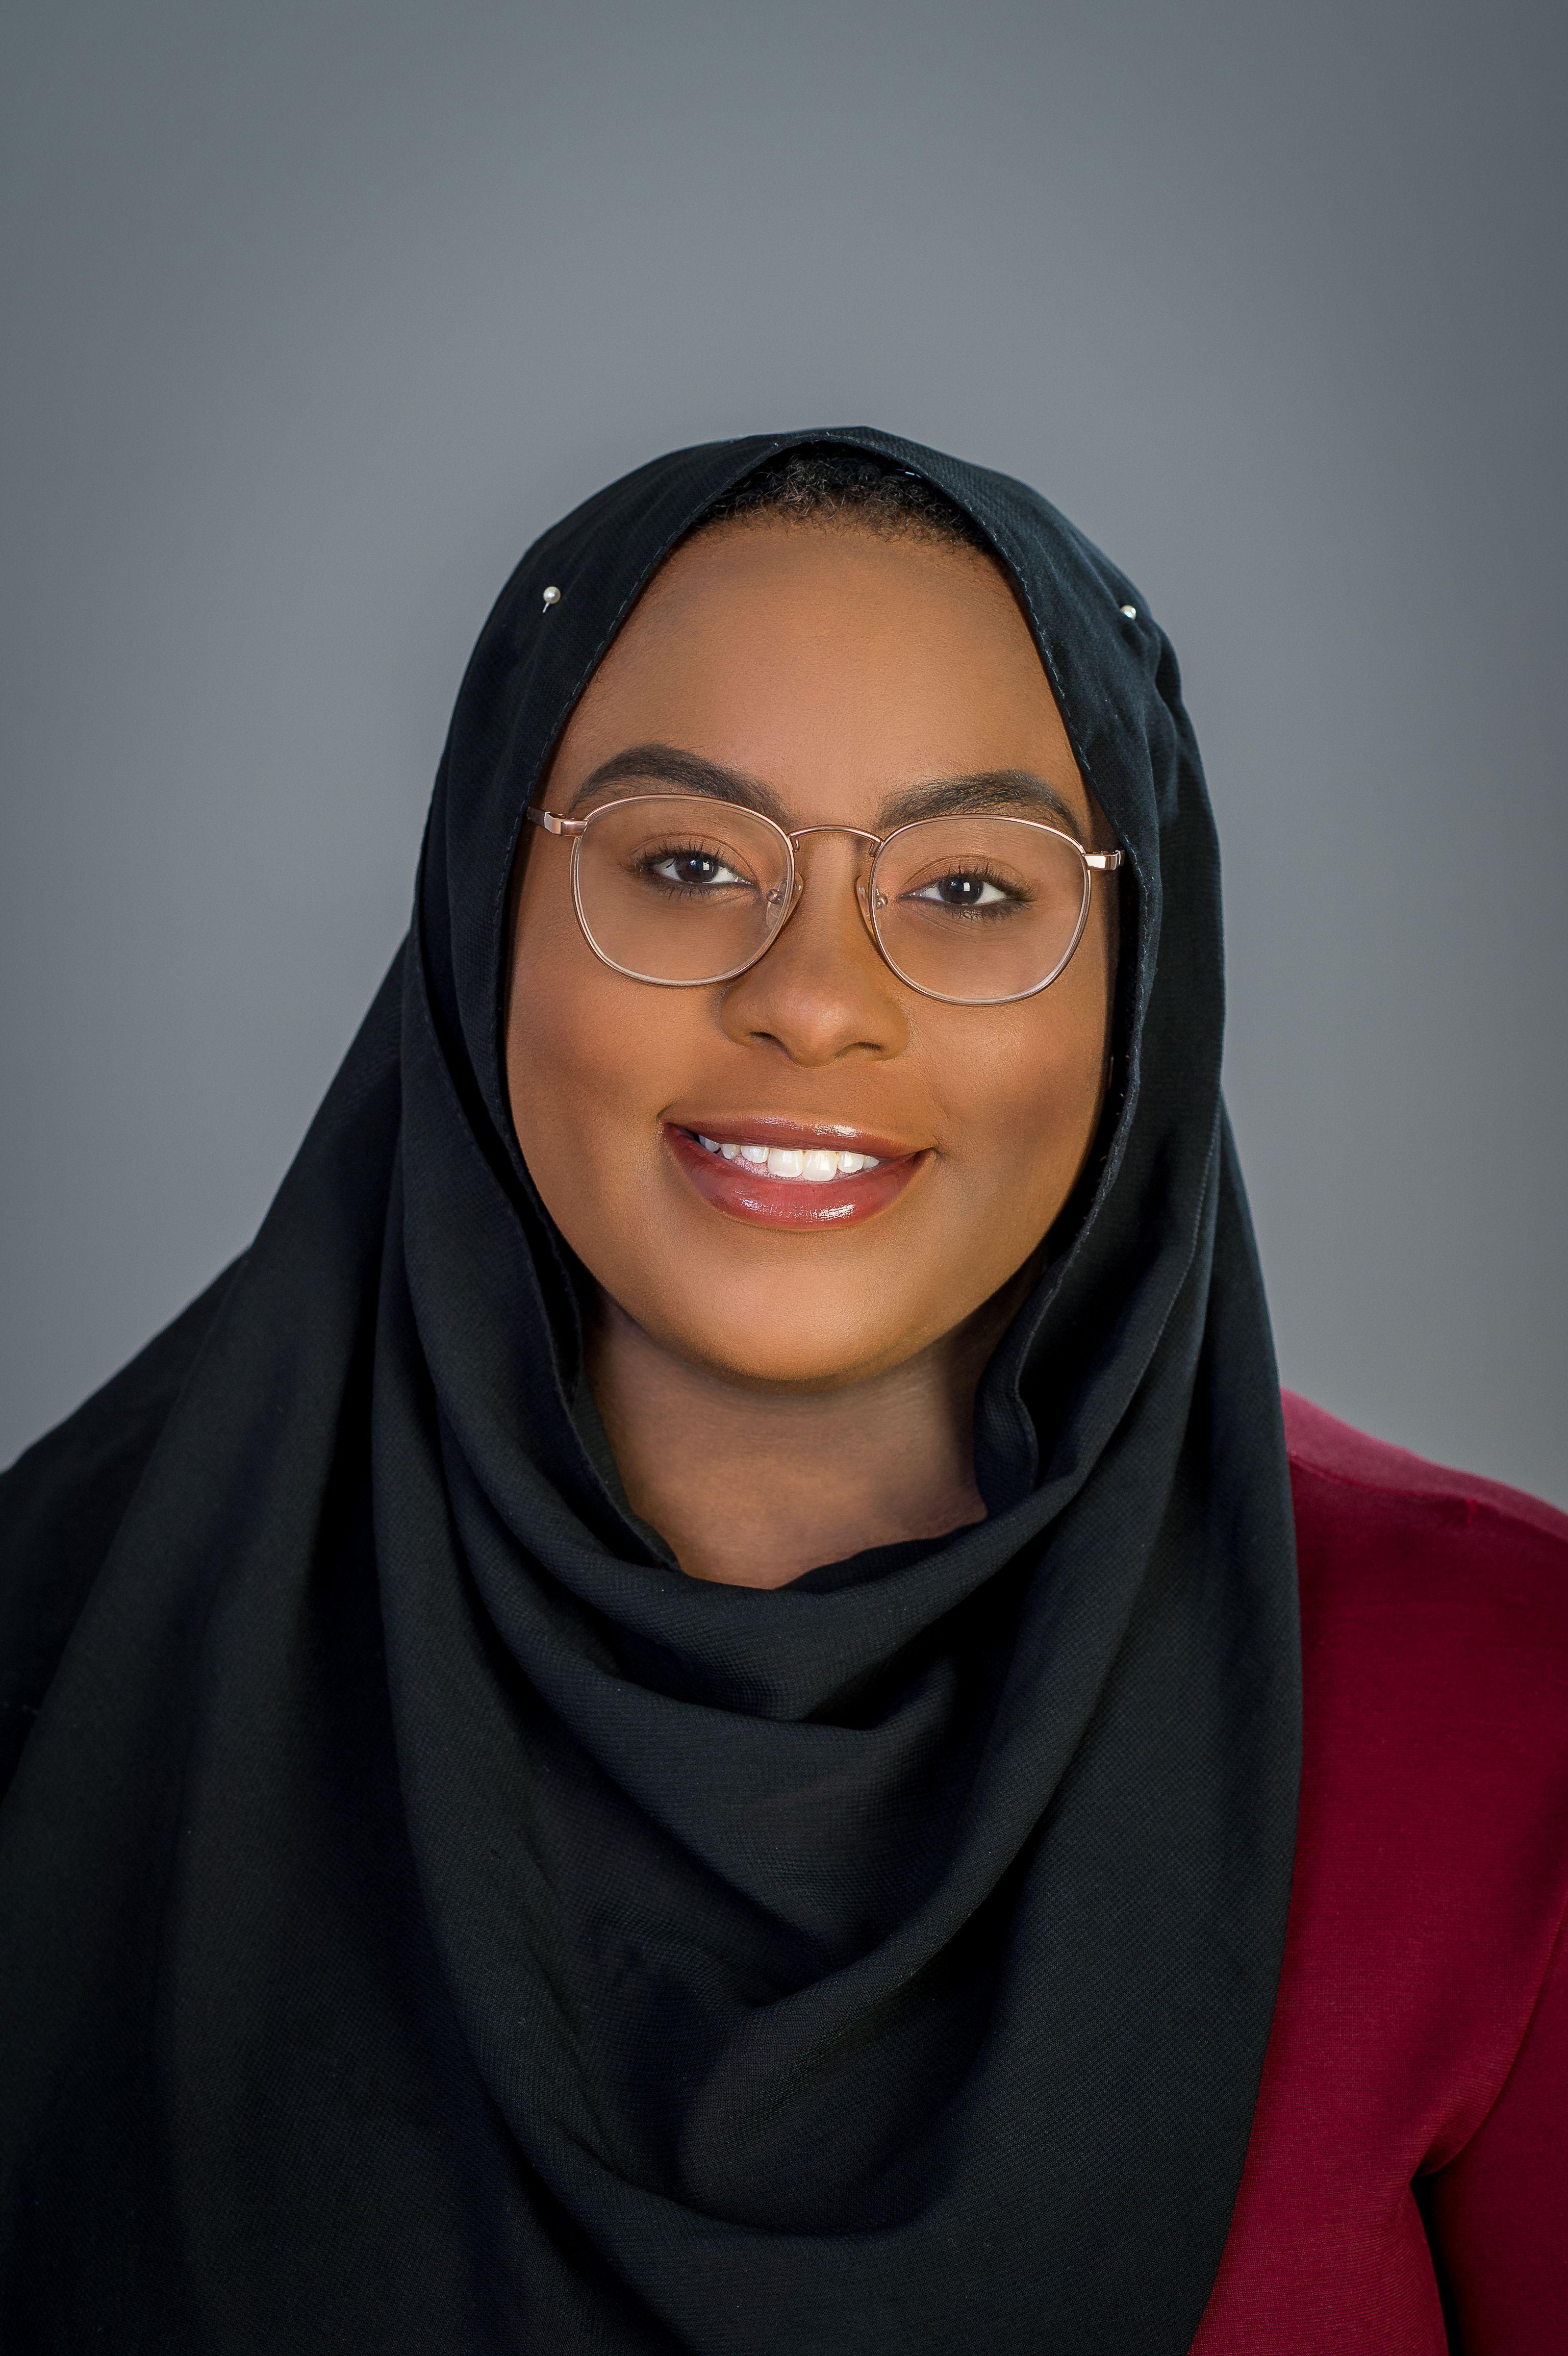 Haddiyyah Ali